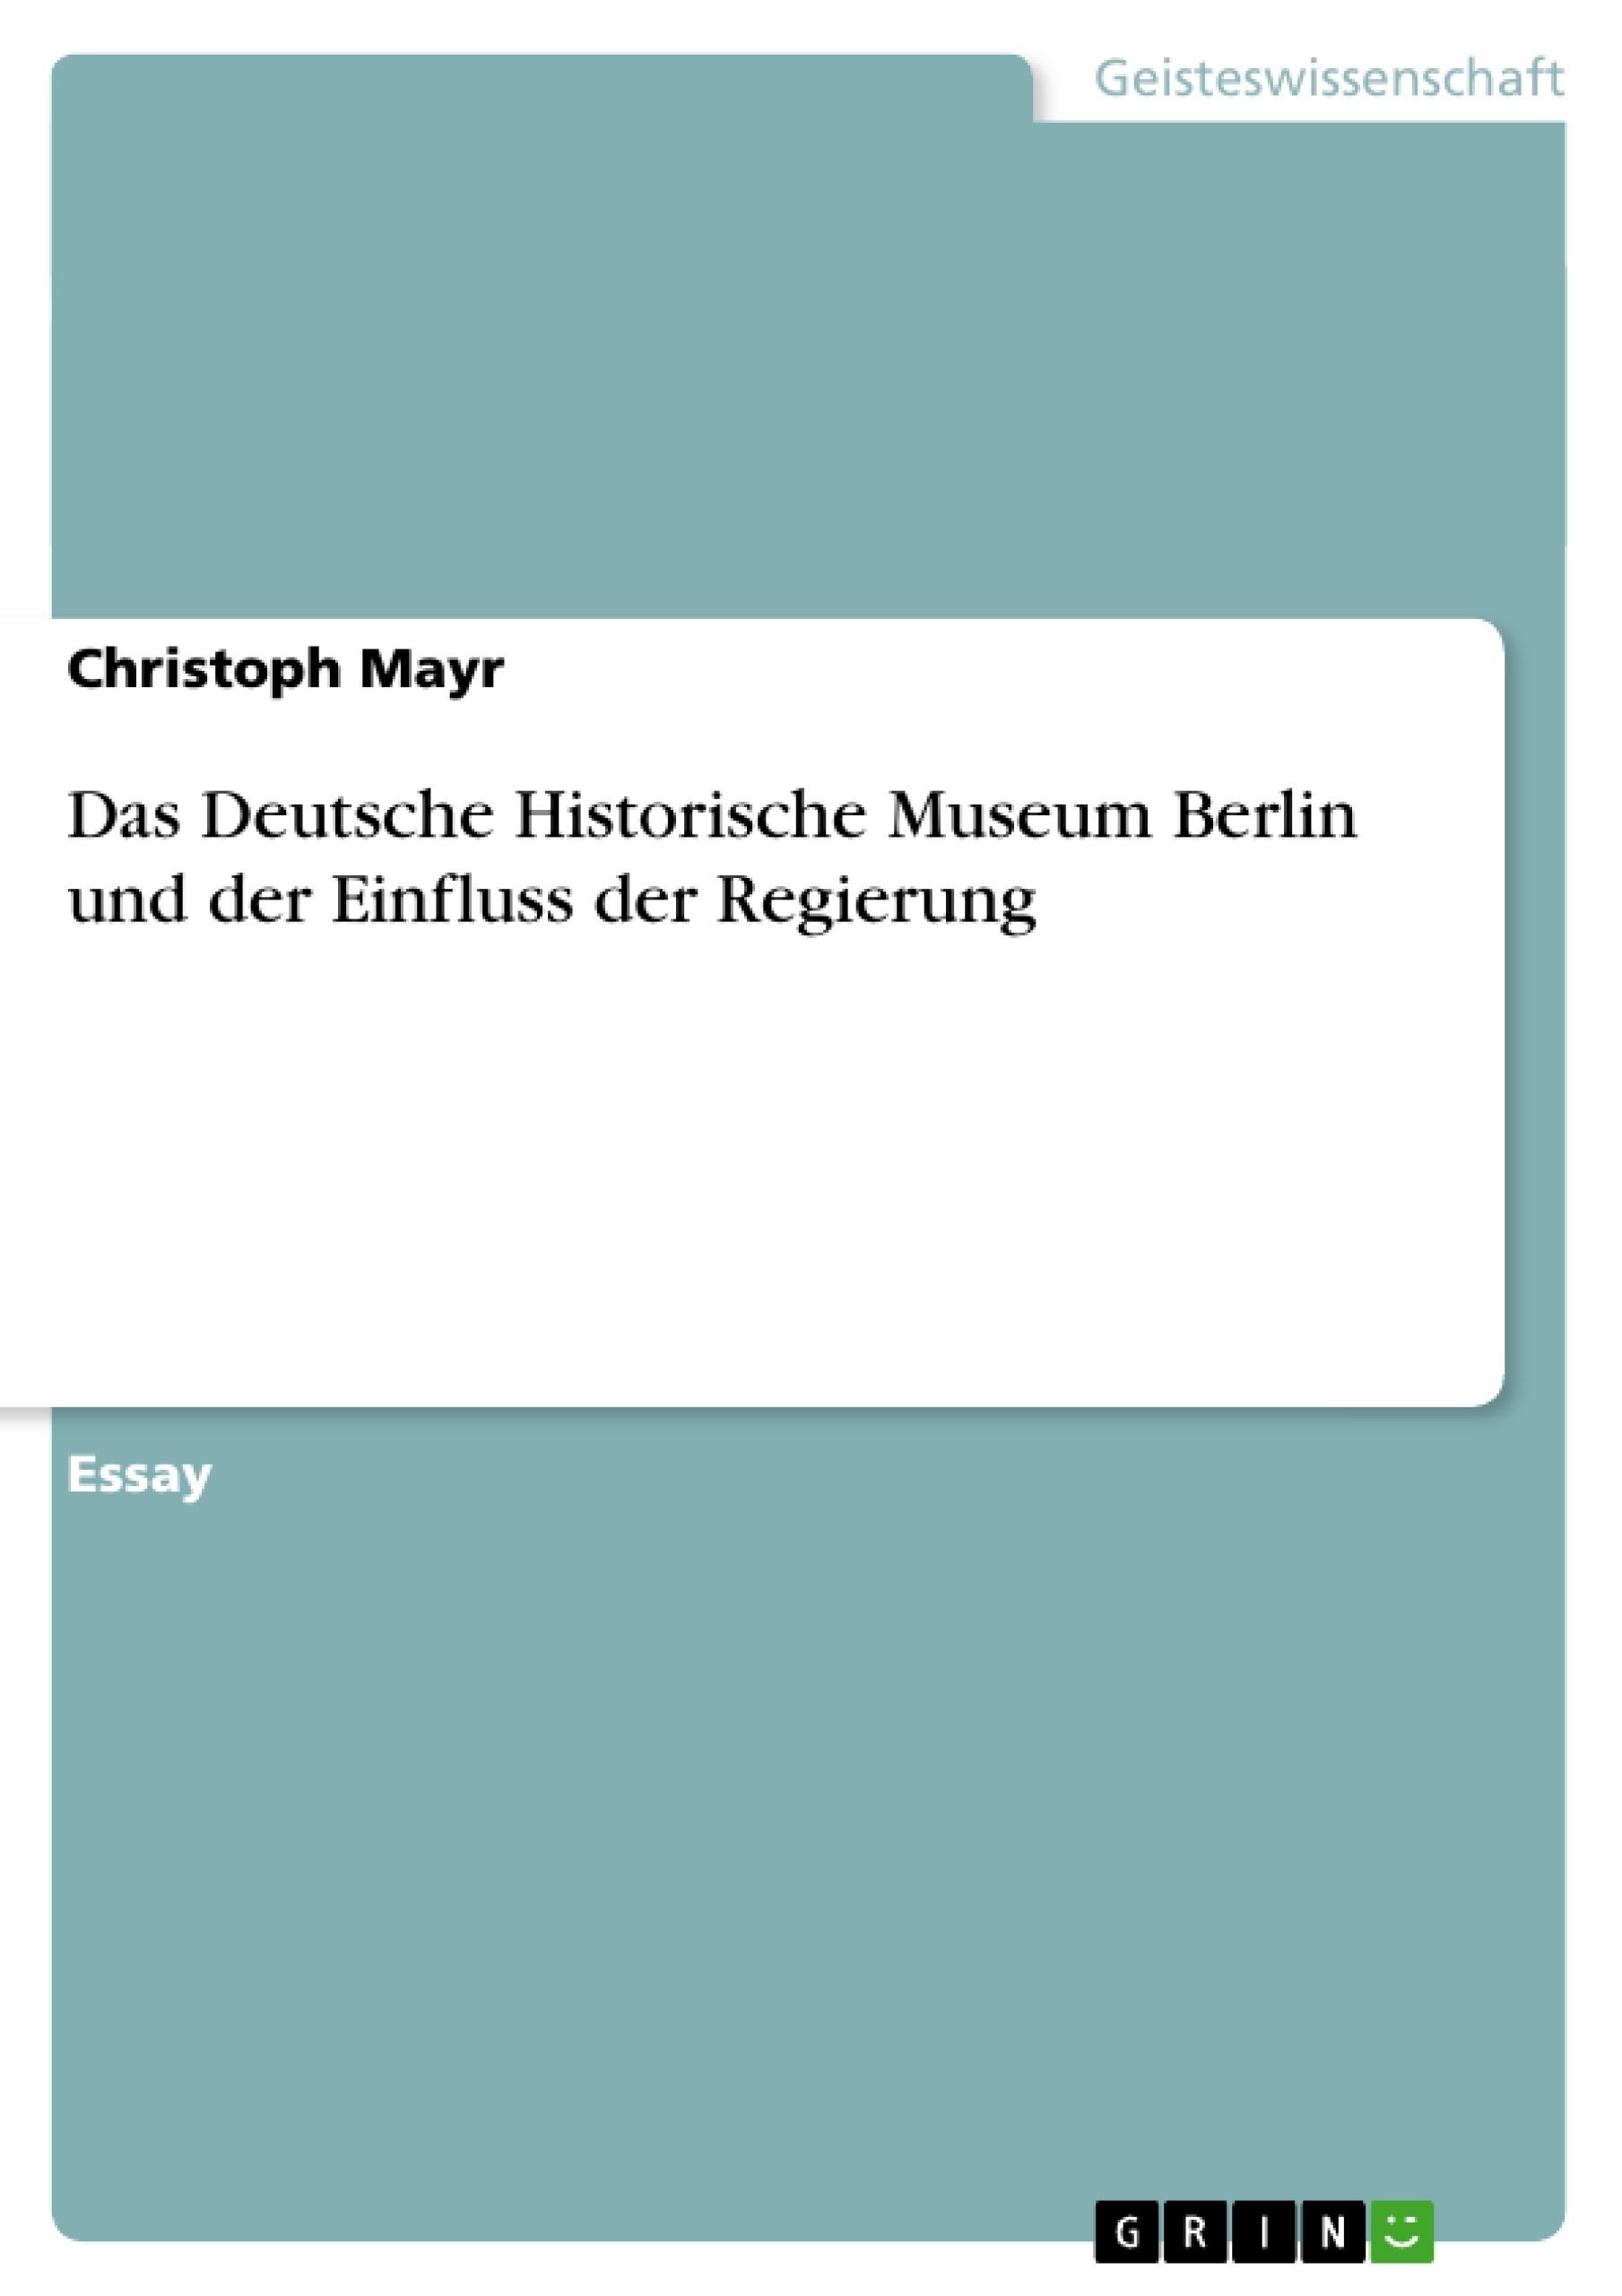 Titel: Das Deutsche Historische Museum Berlin und der Einfluss der Regierung